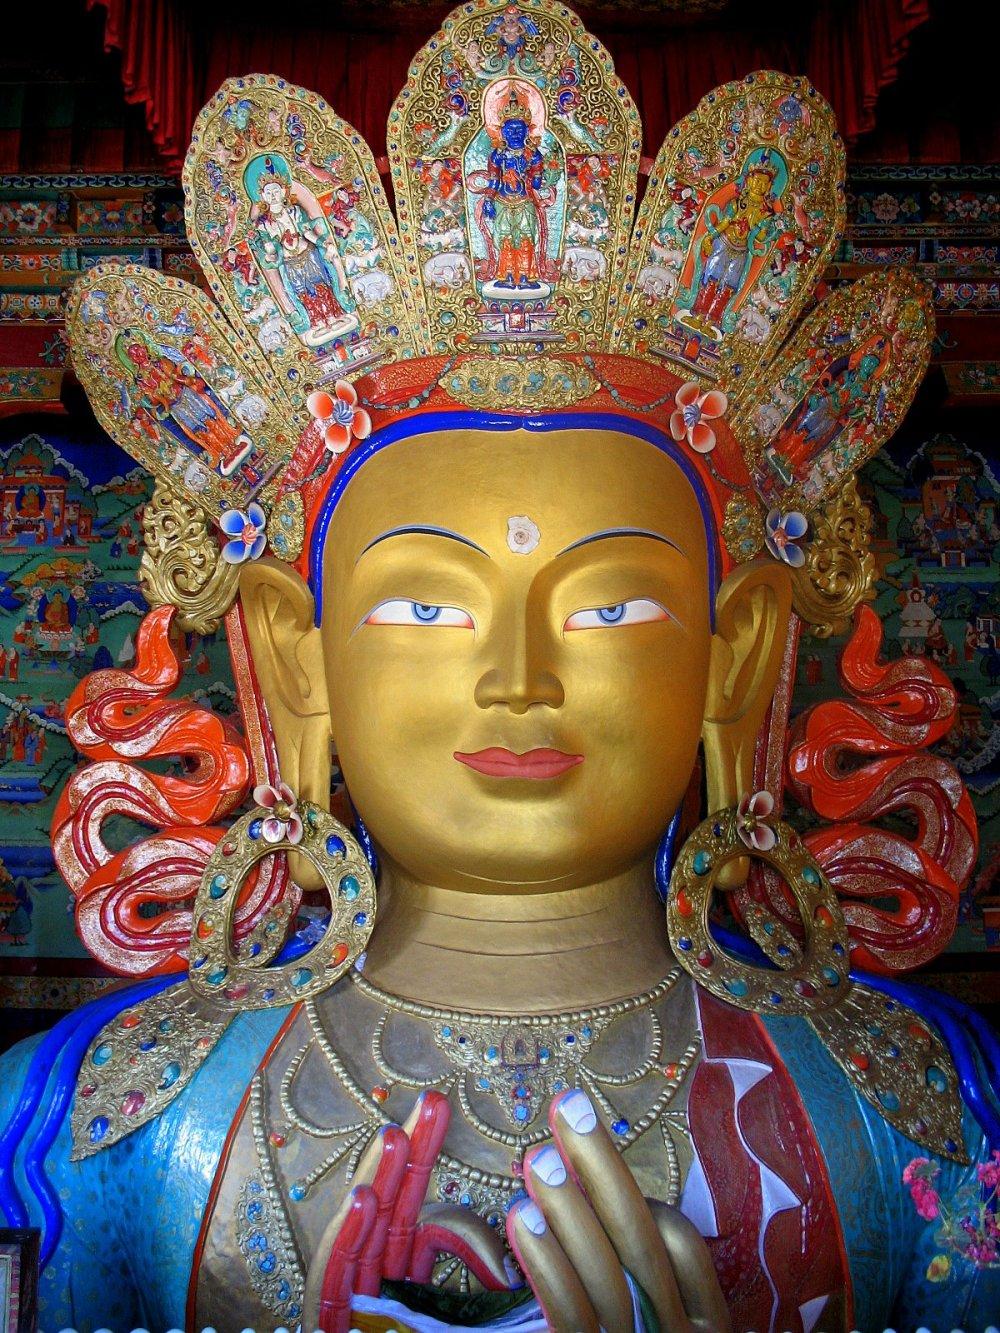 Maitreya_Buddha_the_next_Buddha.jpg